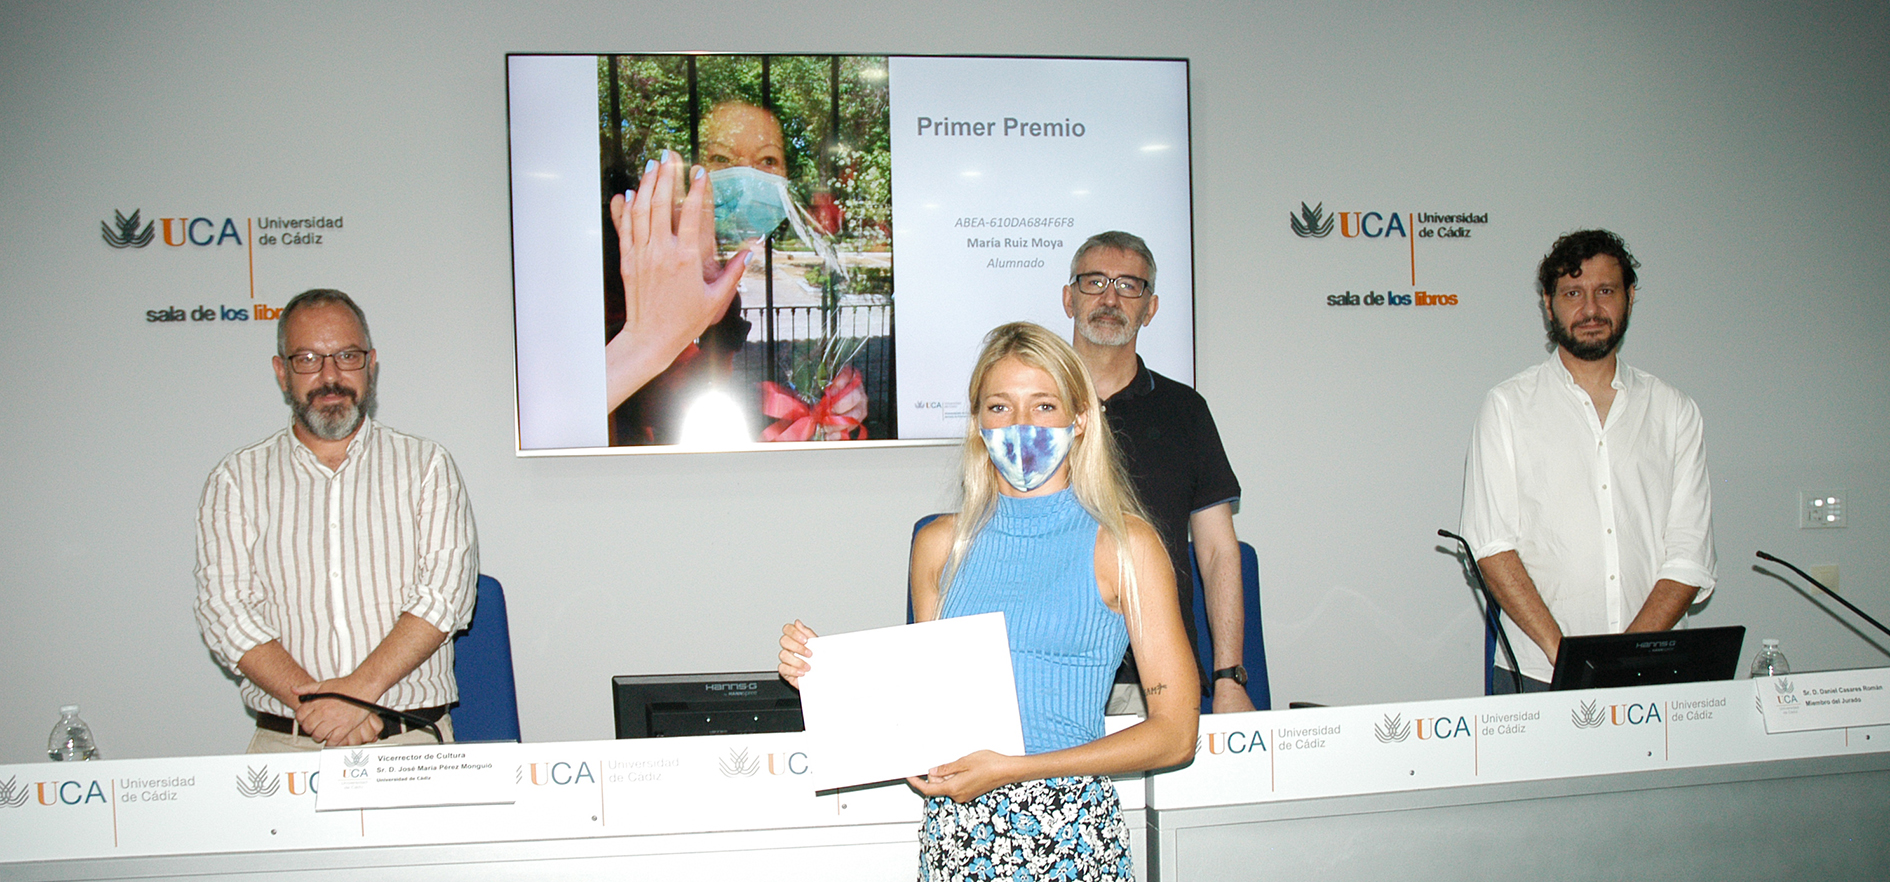 La UCA entrega los premios del concurso de fotografía 'Veo-Veo. La primavera invisible'